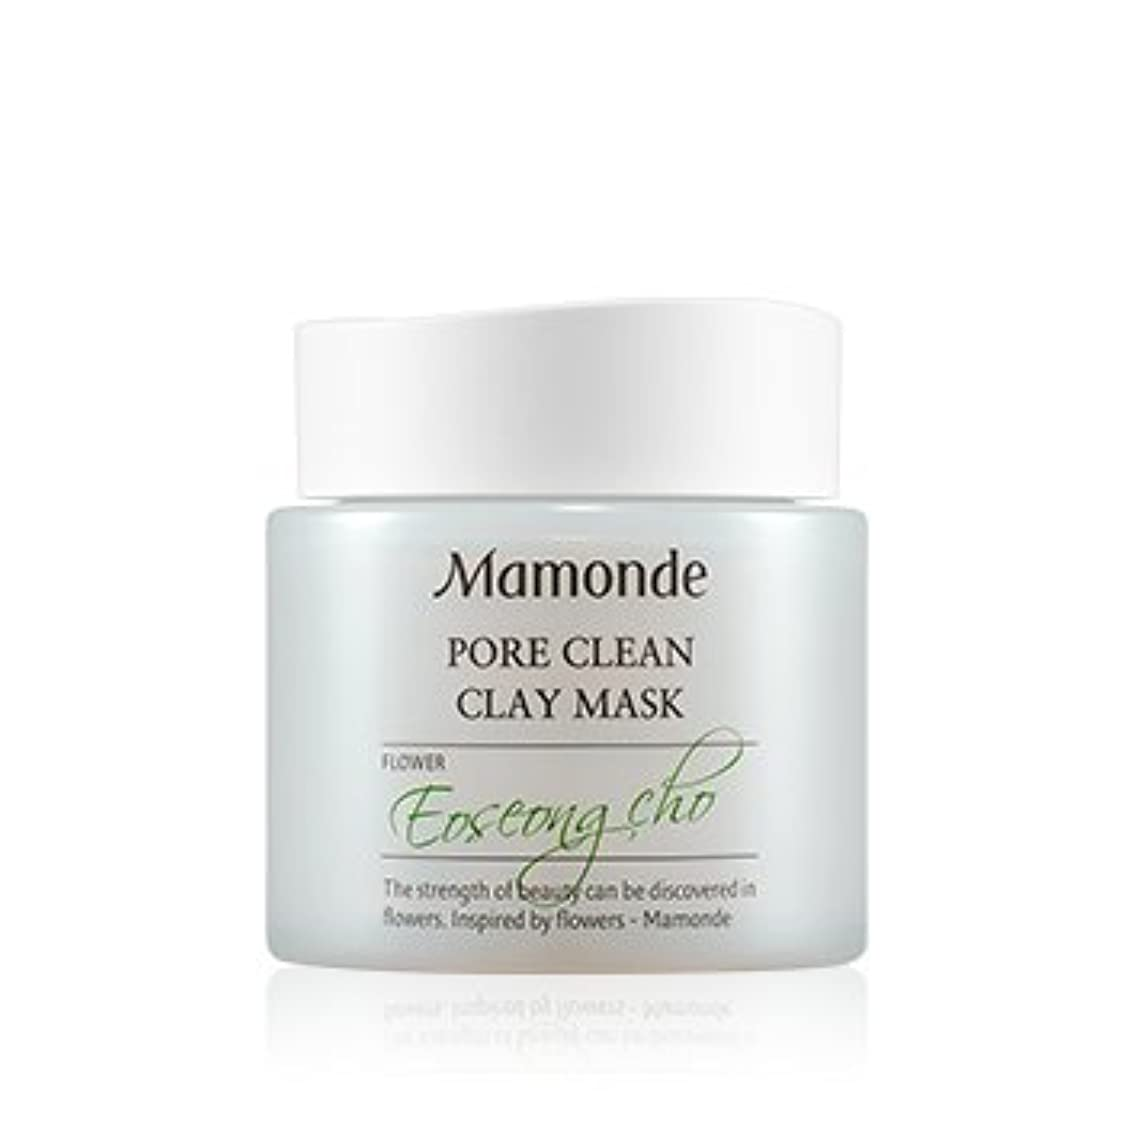 アンタゴニストダイヤルじゃない[New] Mamonde Pore Clean Clay Mask 100ml/マモンド ポア クリーン クレイ マスク 100ml [並行輸入品]